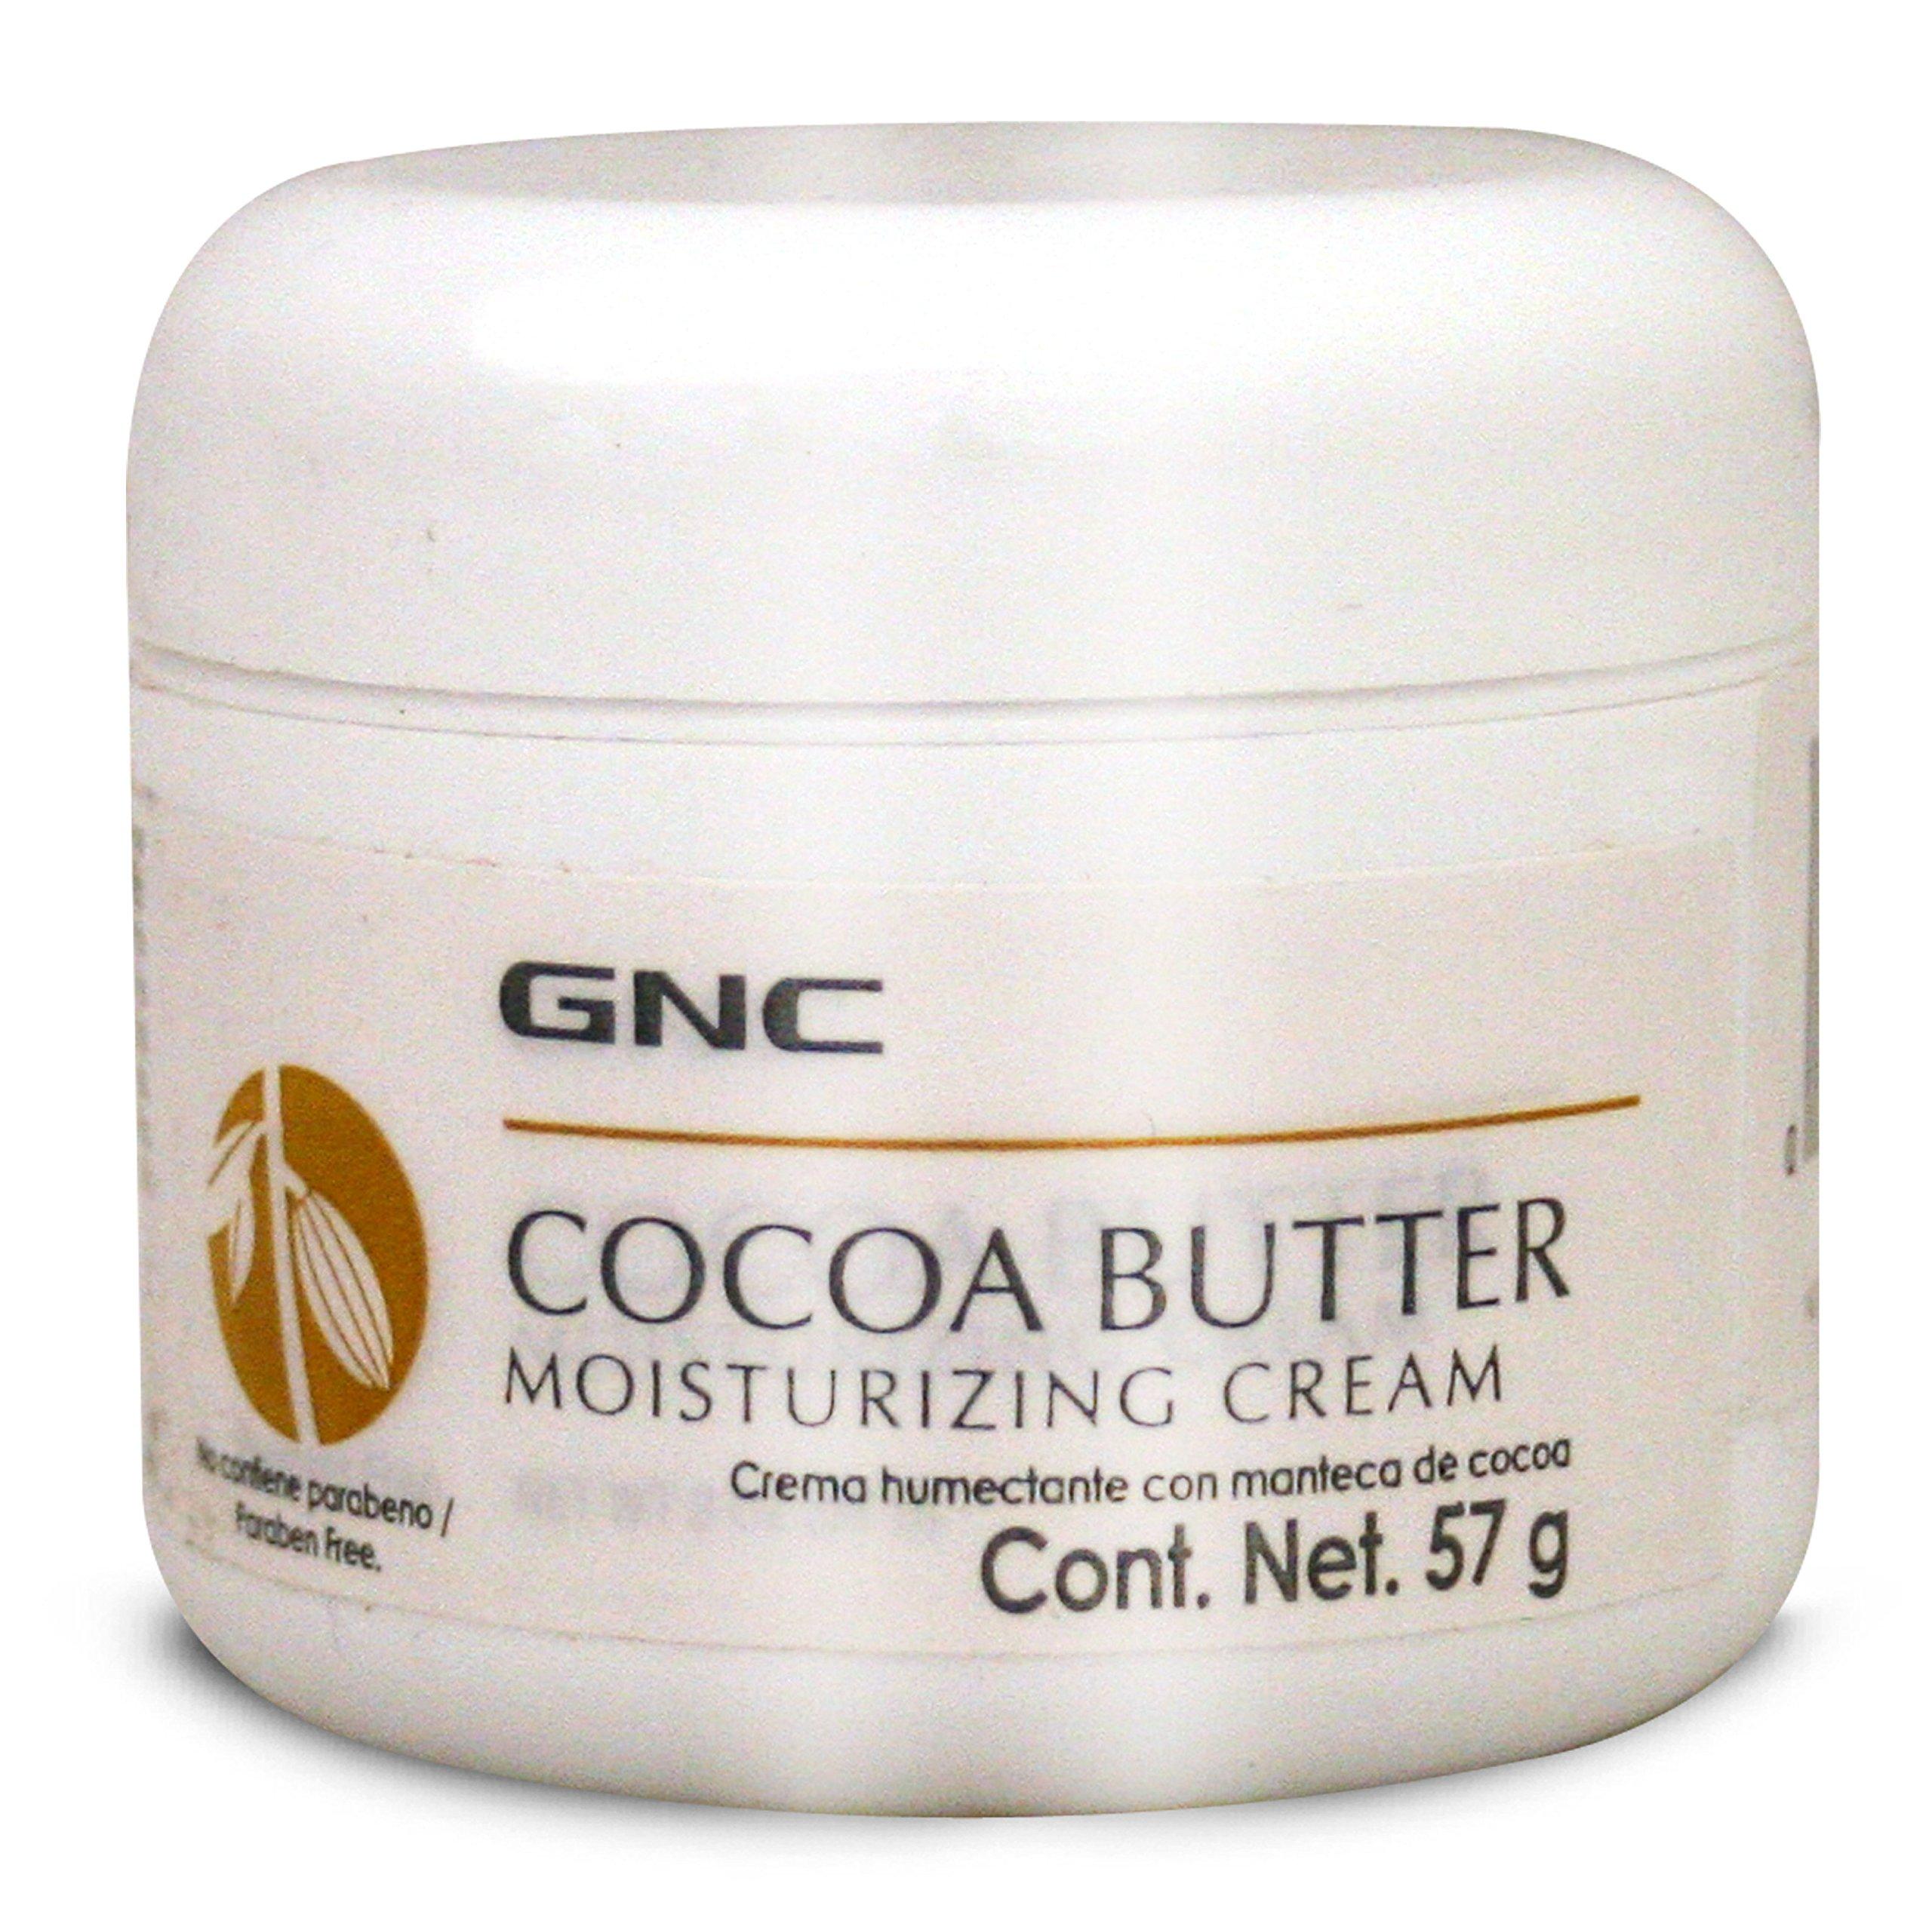 GNC Cocoa Butter Moisturizing Cream